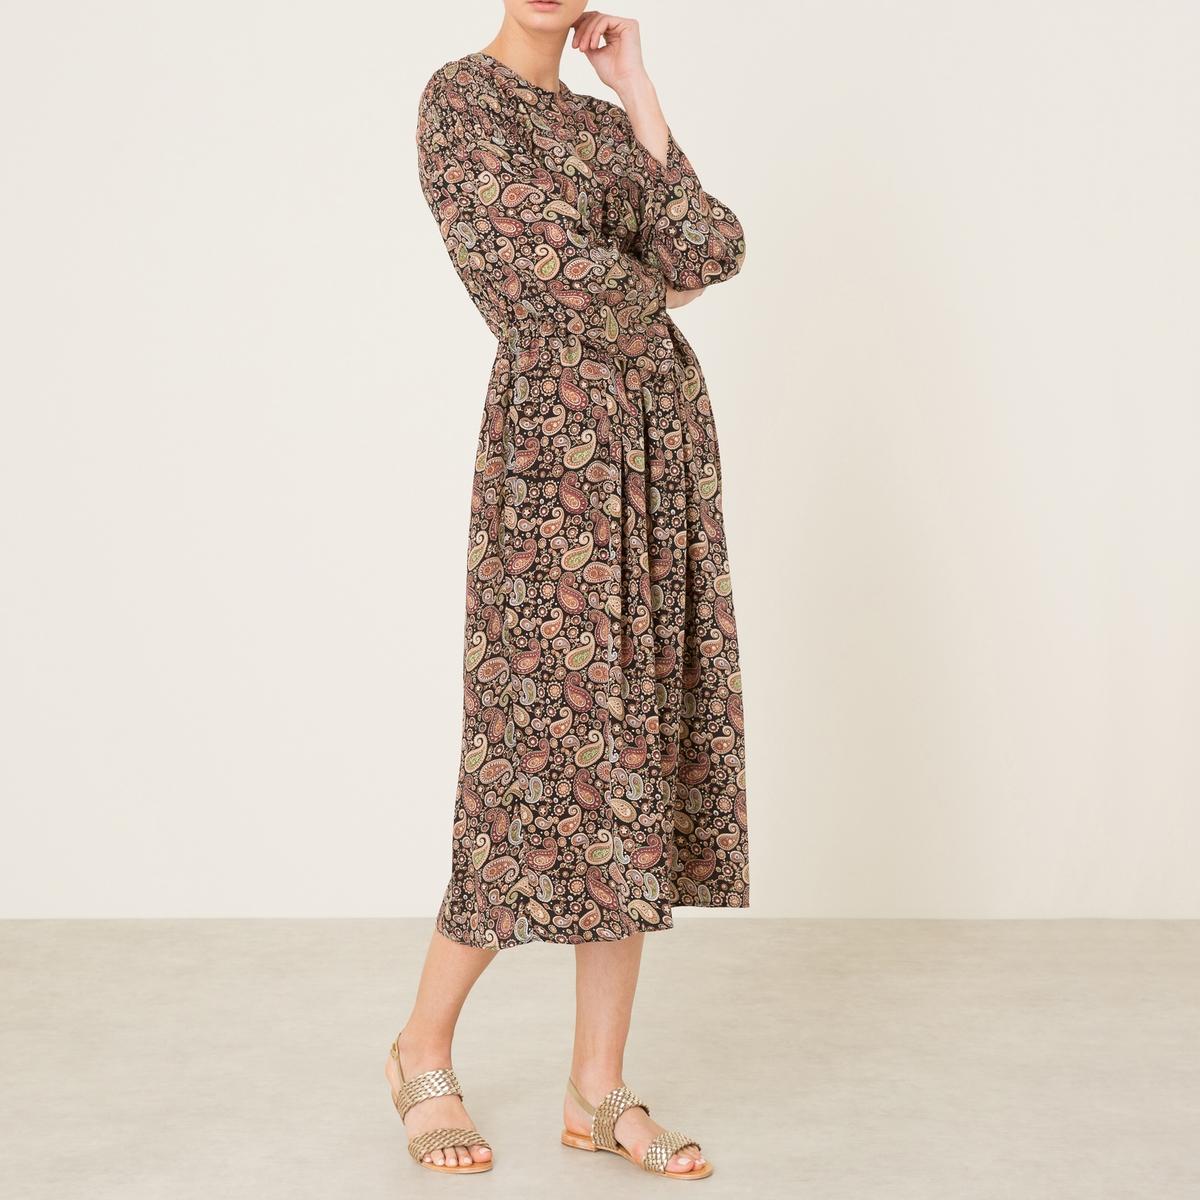 Платье длинное с рисунком платье длинное с рисунком пейсли